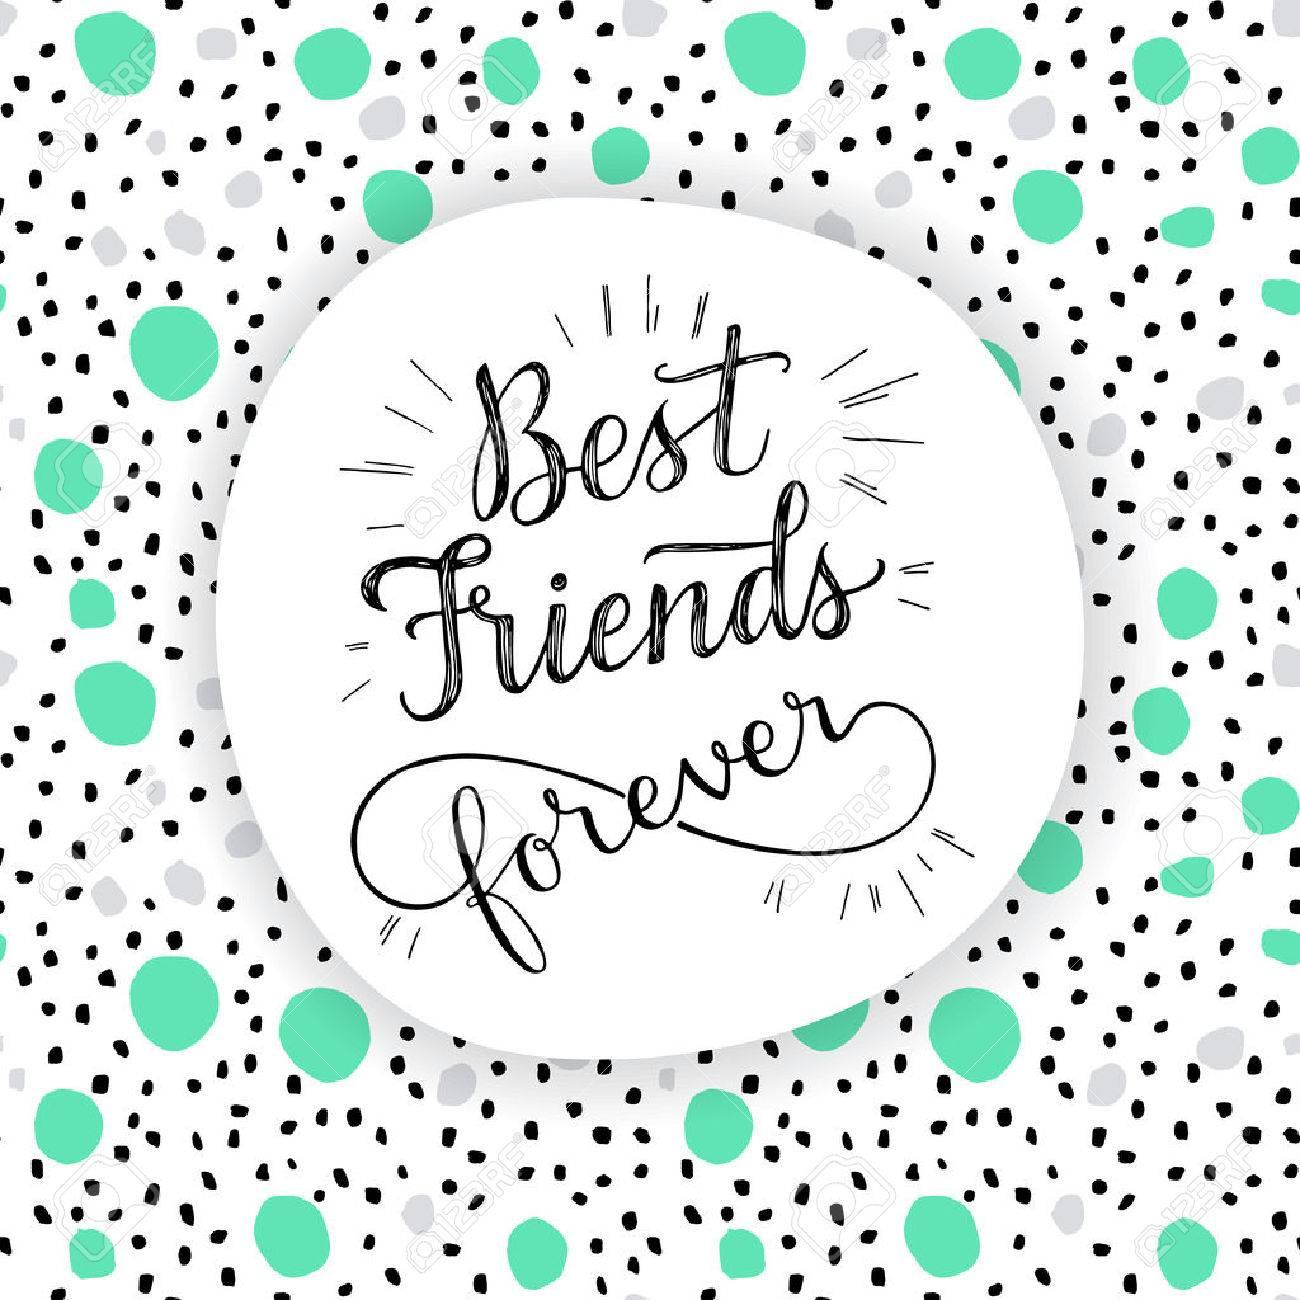 Mejor Amigo Para Siempre Frase Letras De La Mano Ilustración Del